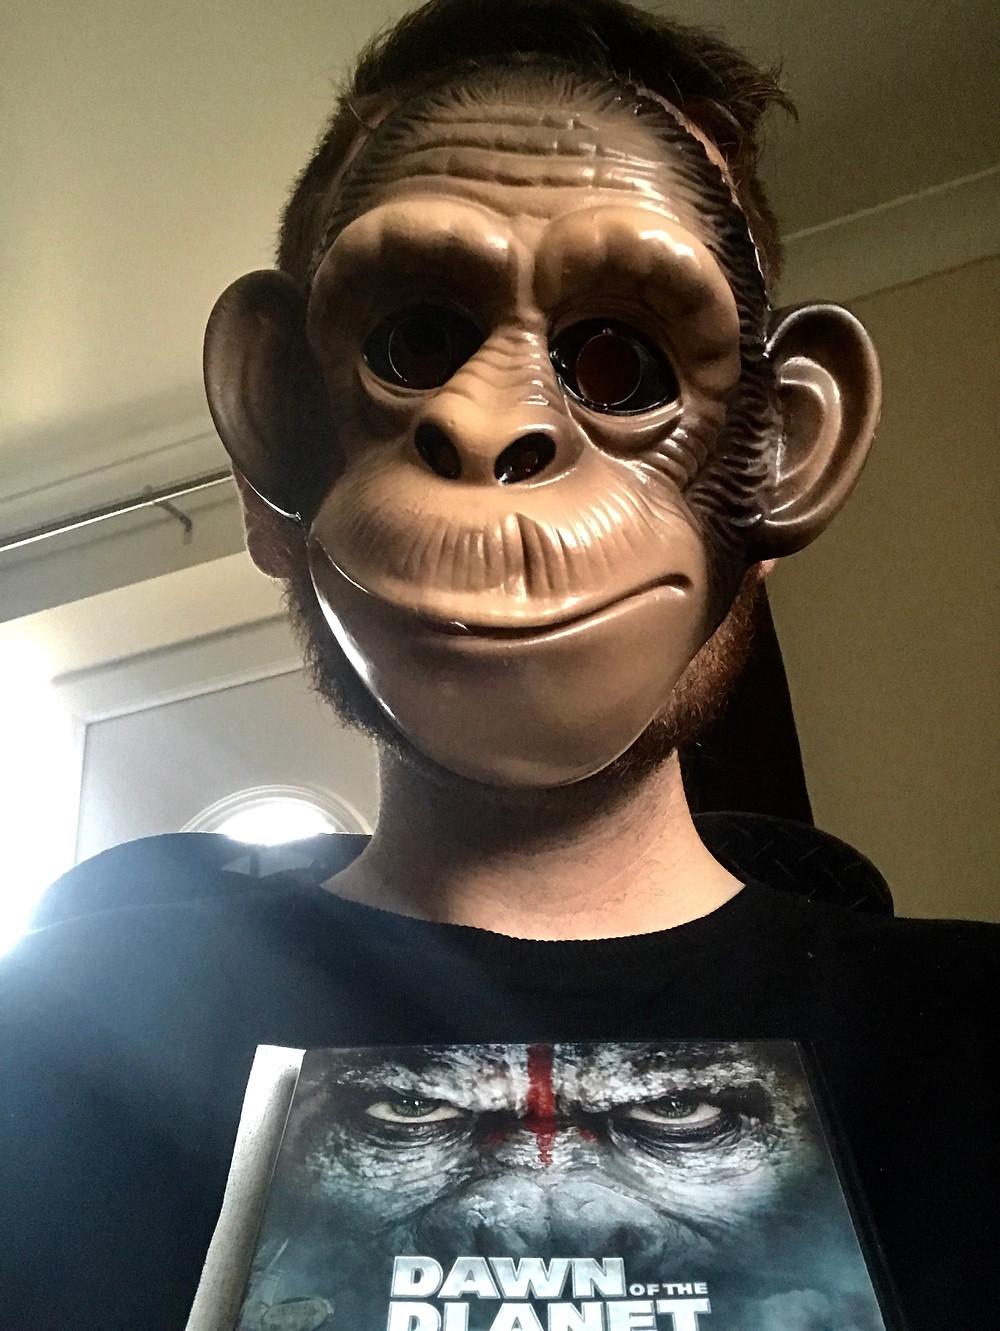 Ross wearing an Ape mask